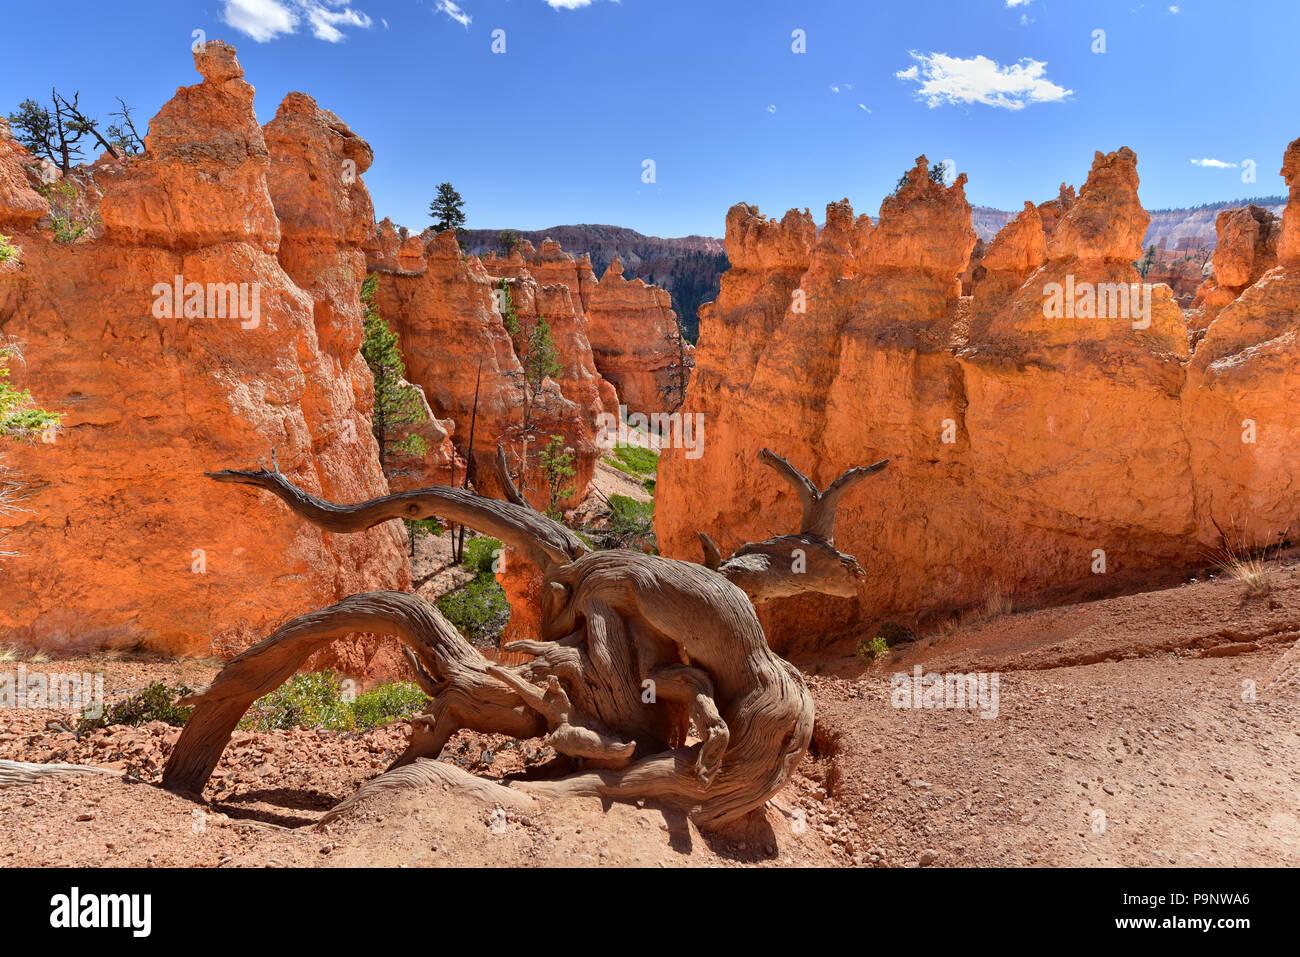 Viejo árbol de enebro erosionados snag a lo largo del sendero, en el hoodoo canyon, Bryce Canyon National Park, Utah Foto de stock